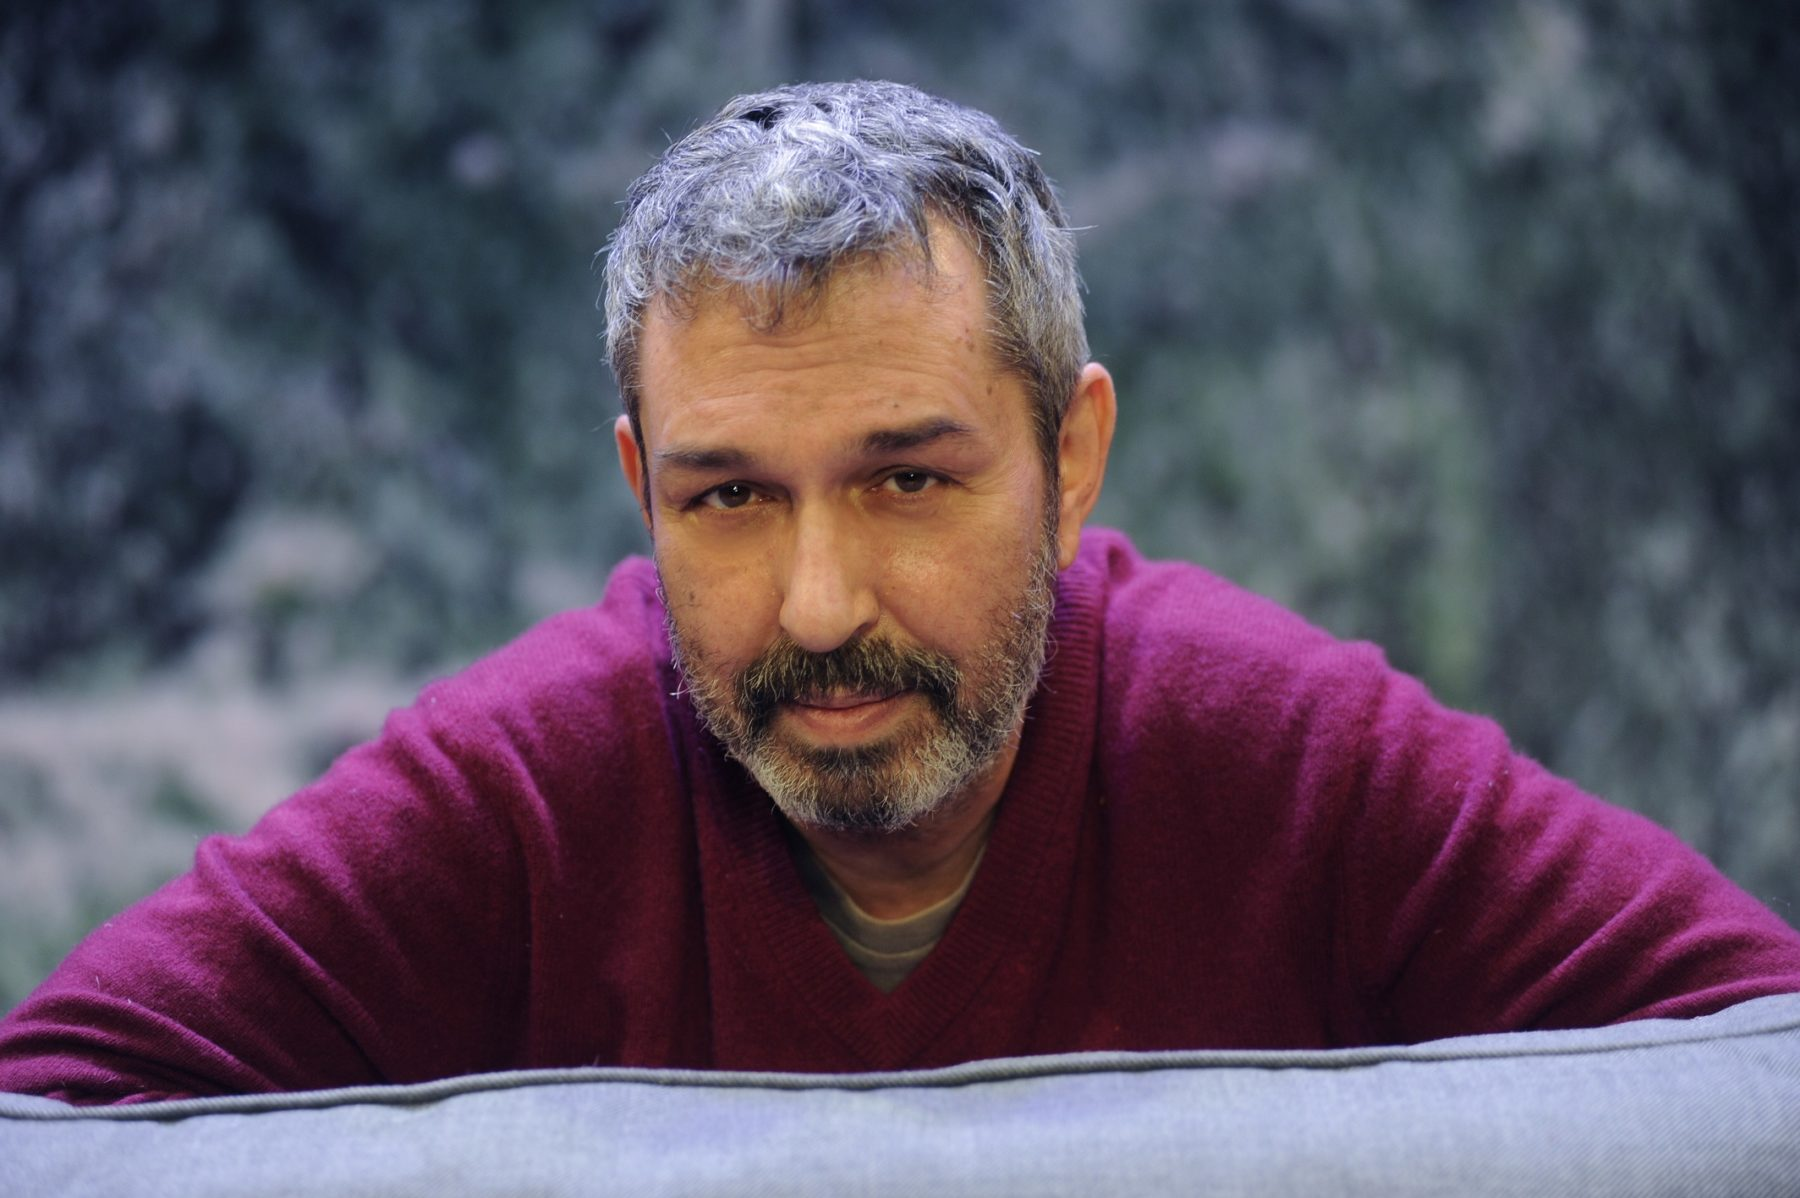 Χρήστος Χατζηπαναγιώτης: Βαρύ πένθος για τον αγαπημένο ηθοποιό